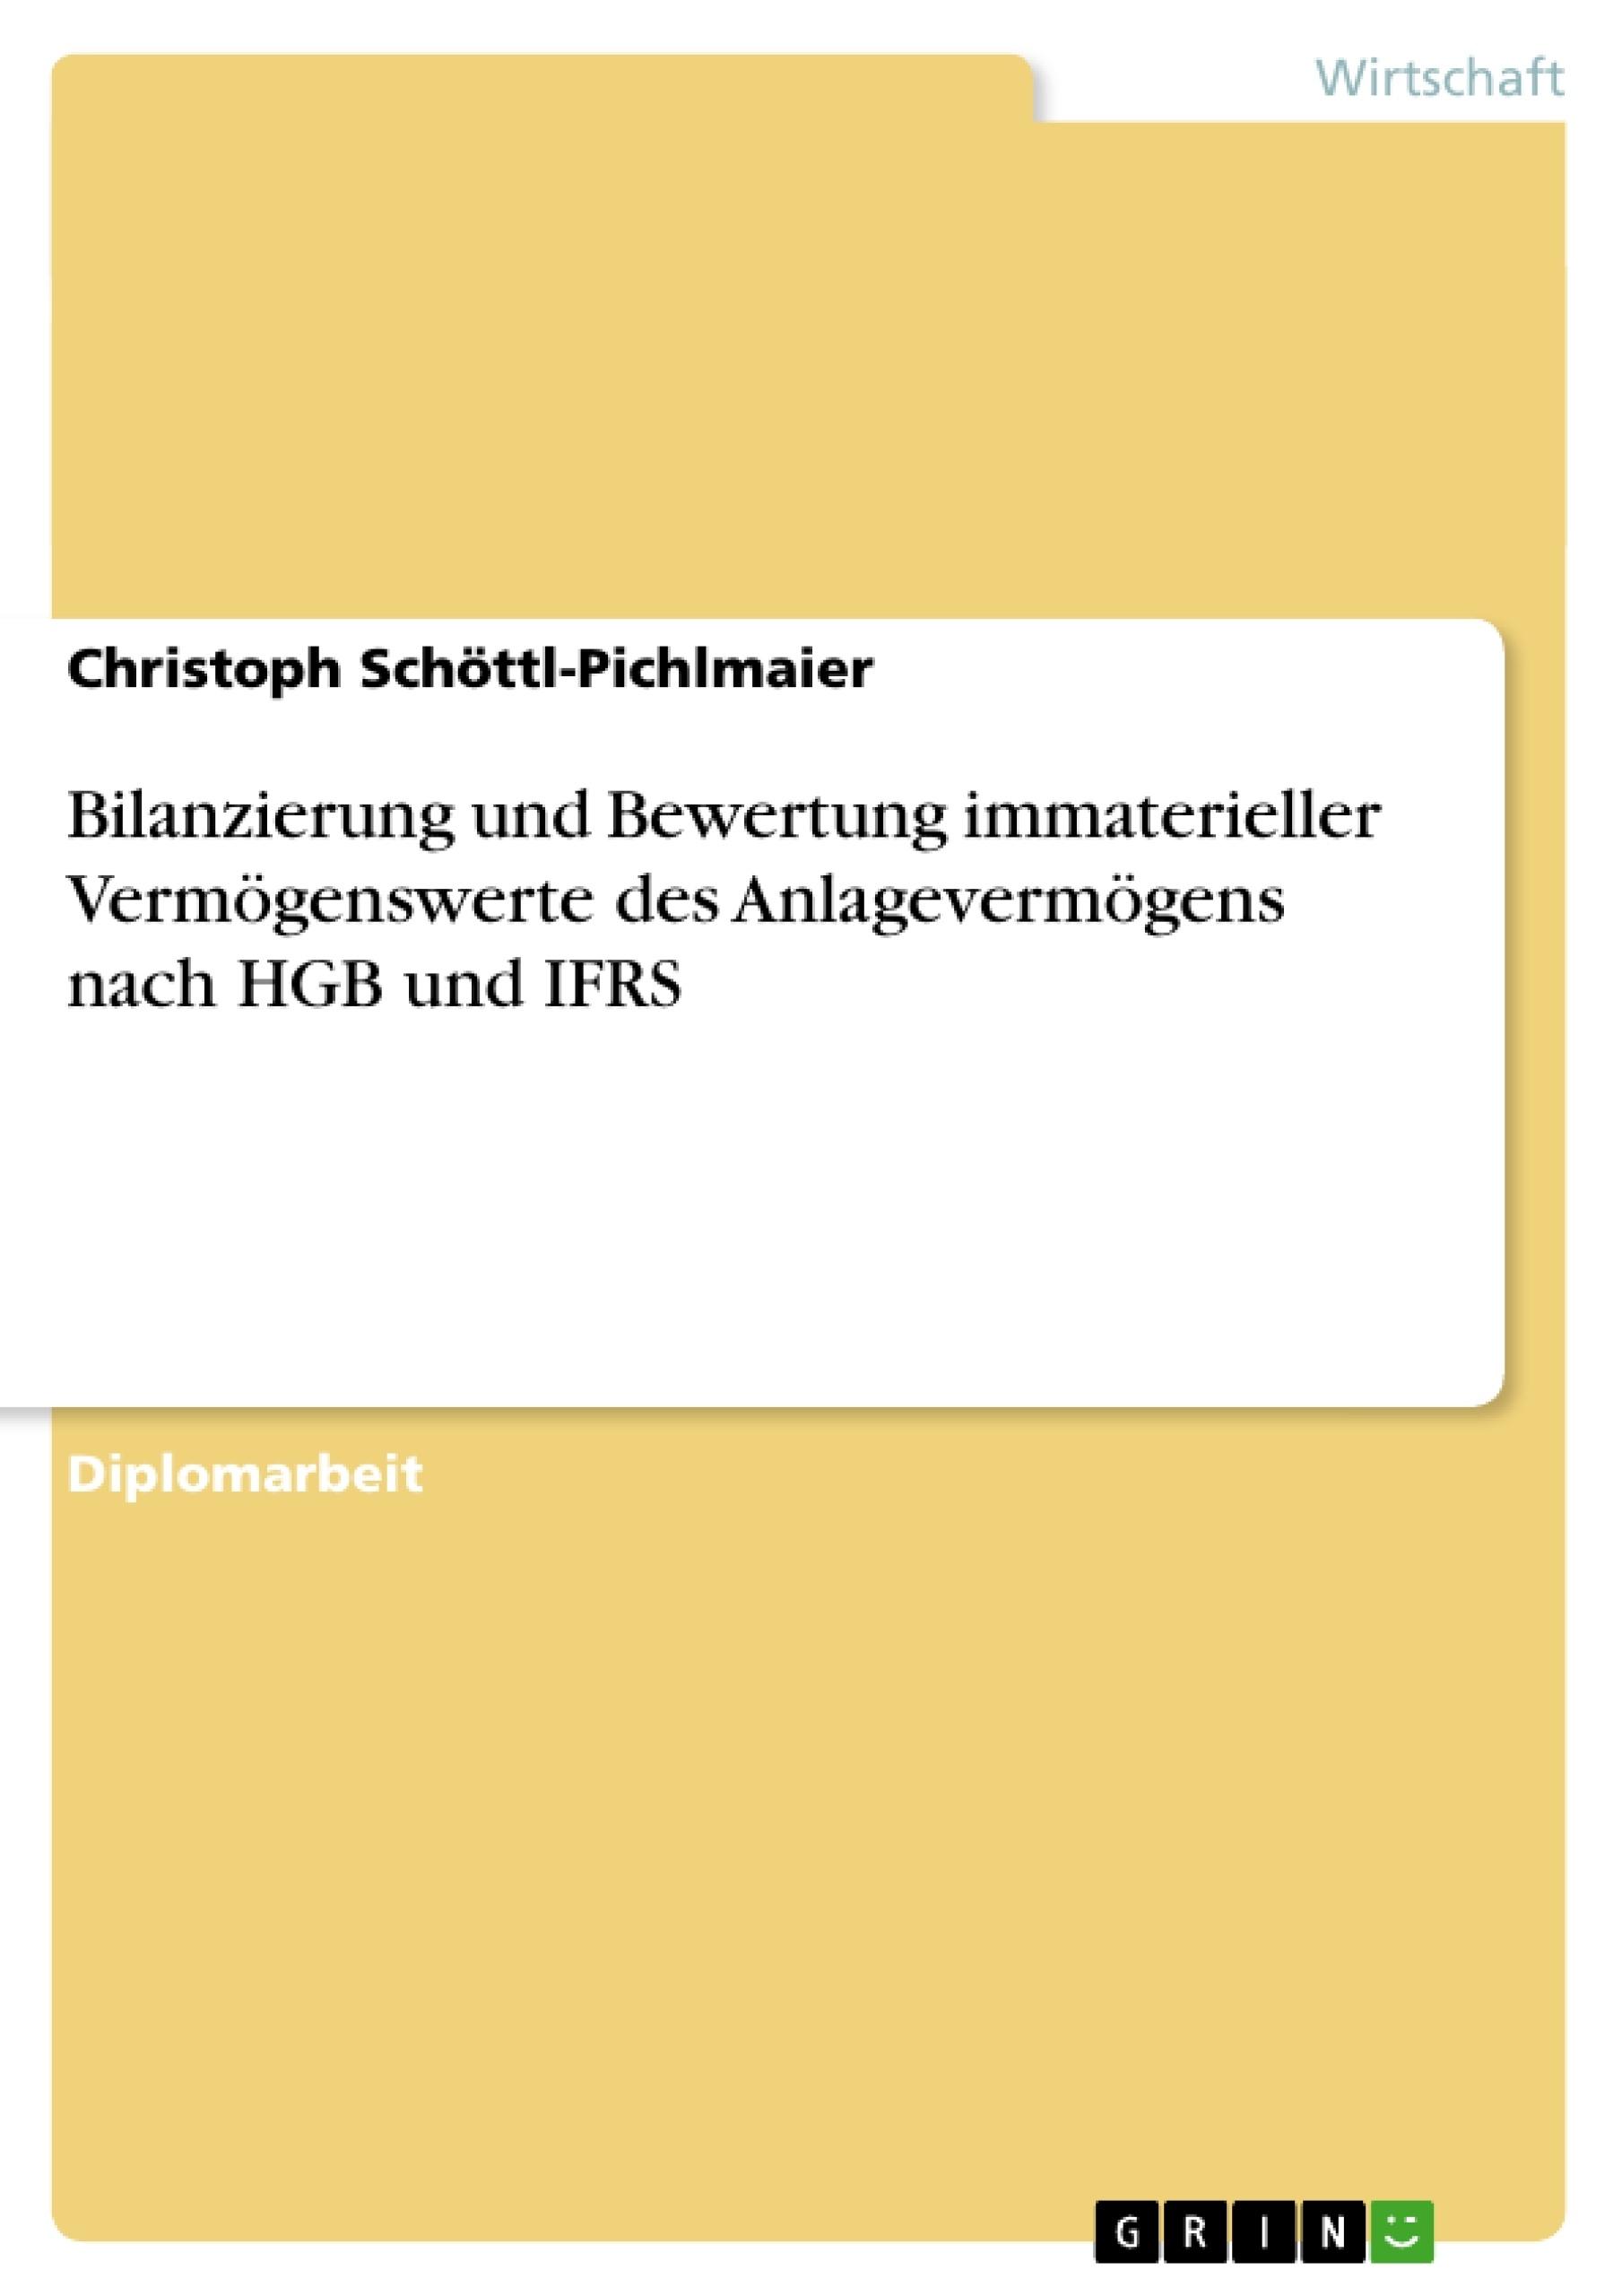 Titel: Bilanzierung und Bewertung immaterieller Vermögenswerte des Anlagevermögens nach HGB und IFRS